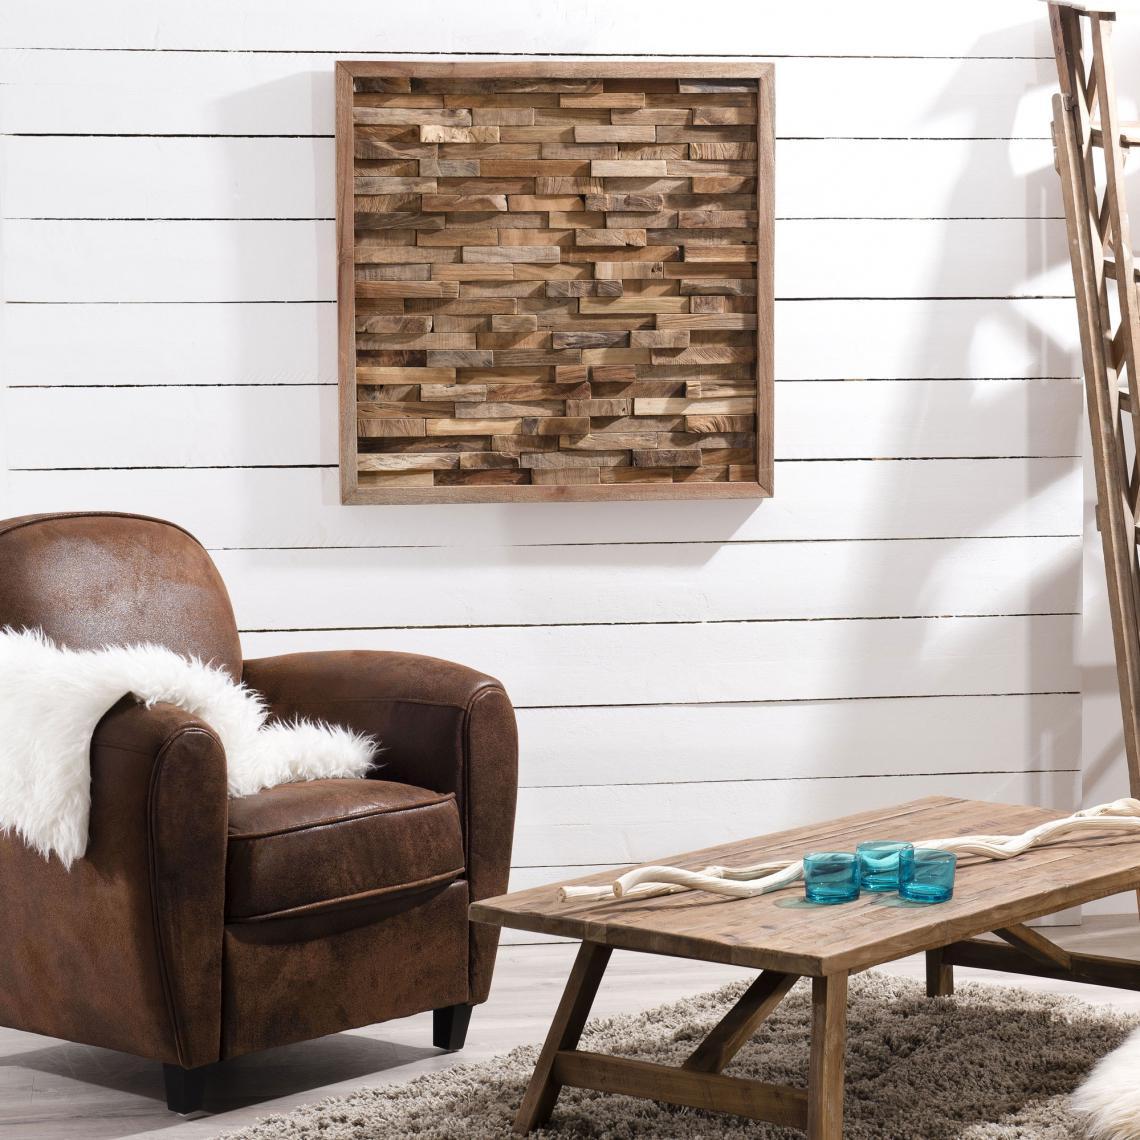 Que Faire Avec Bois Flotté décoration murale carrée avec cadre 80 cm en bois flotté - bois plus de  détails